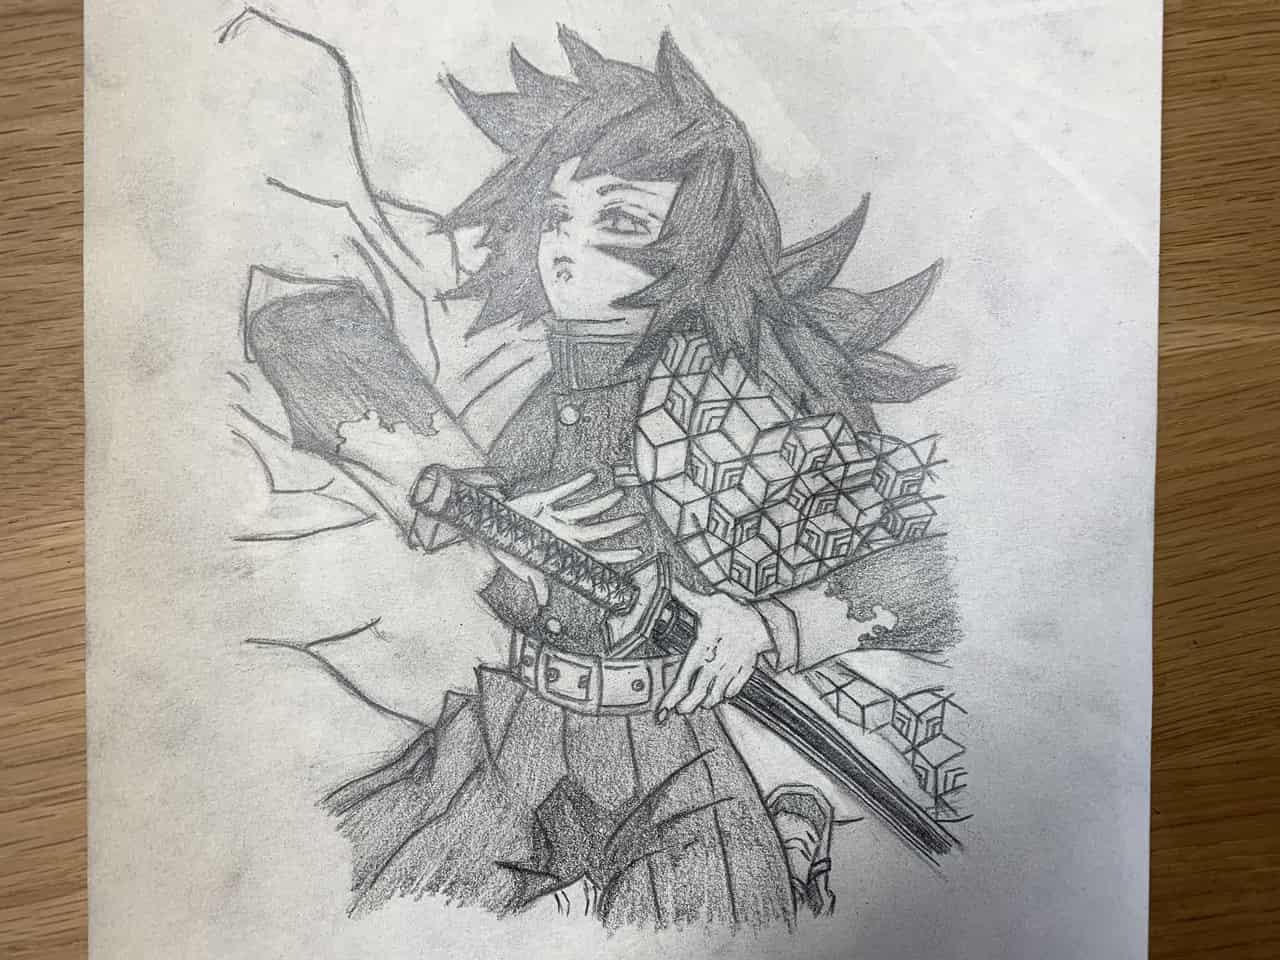 鬼滅の刃 富岡義勇 えんぴつ Illust of 那輝和 DemonSlayerFanartContest KimetsunoYaiba